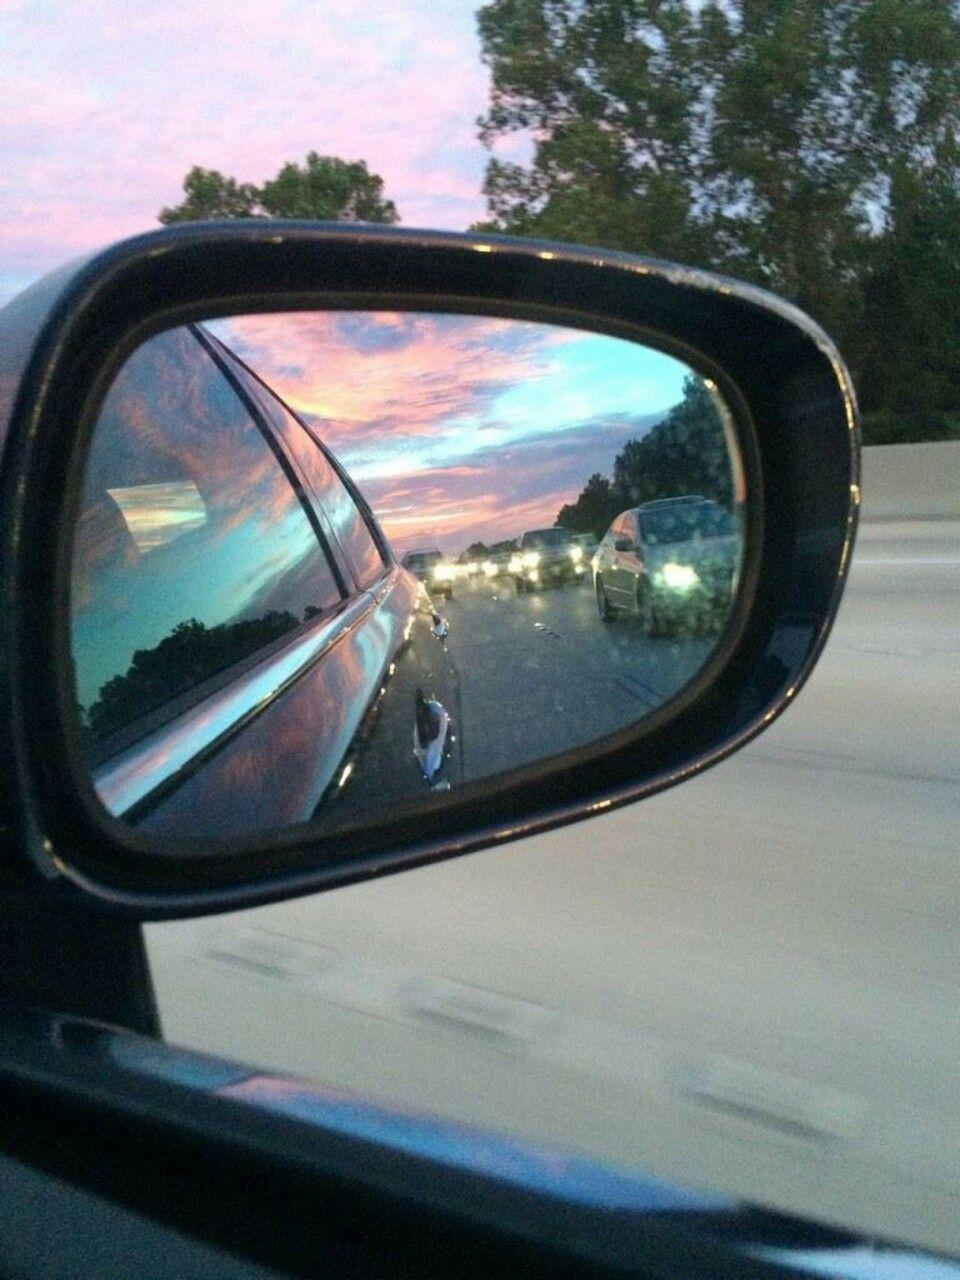 car mirror reflection photography. car mirror, we heart it, indie mirror reflection photography